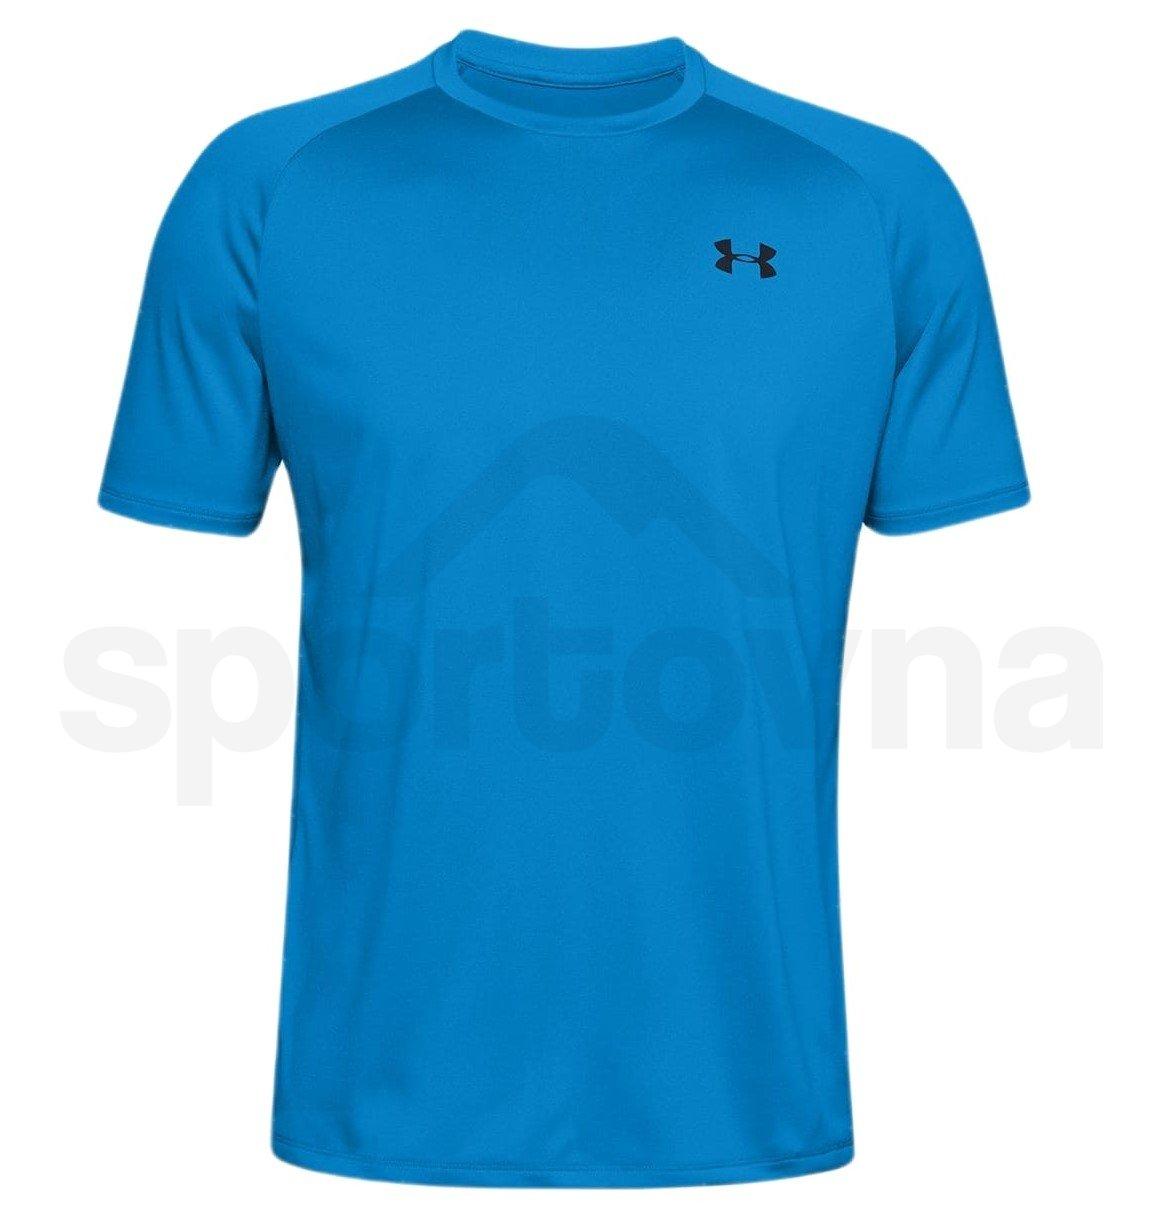 1326413-428 tričko UA (3)